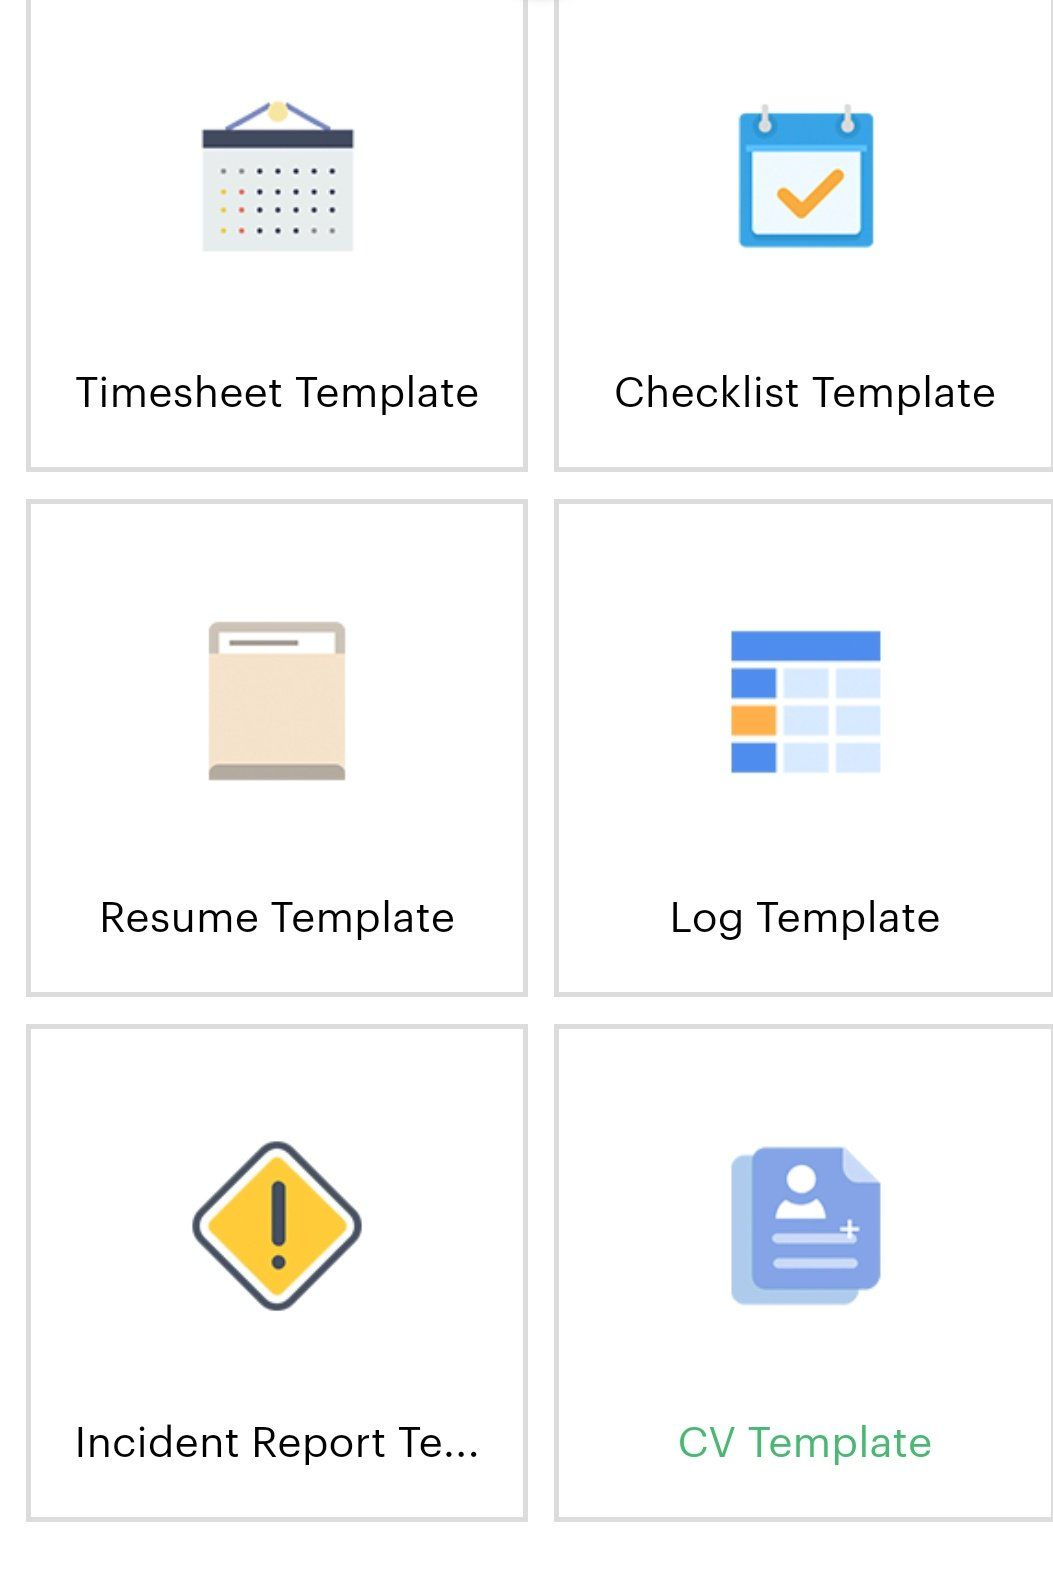 طلال 92 On Twitter In 2020 Timesheet Template Checklist Template Resume Template